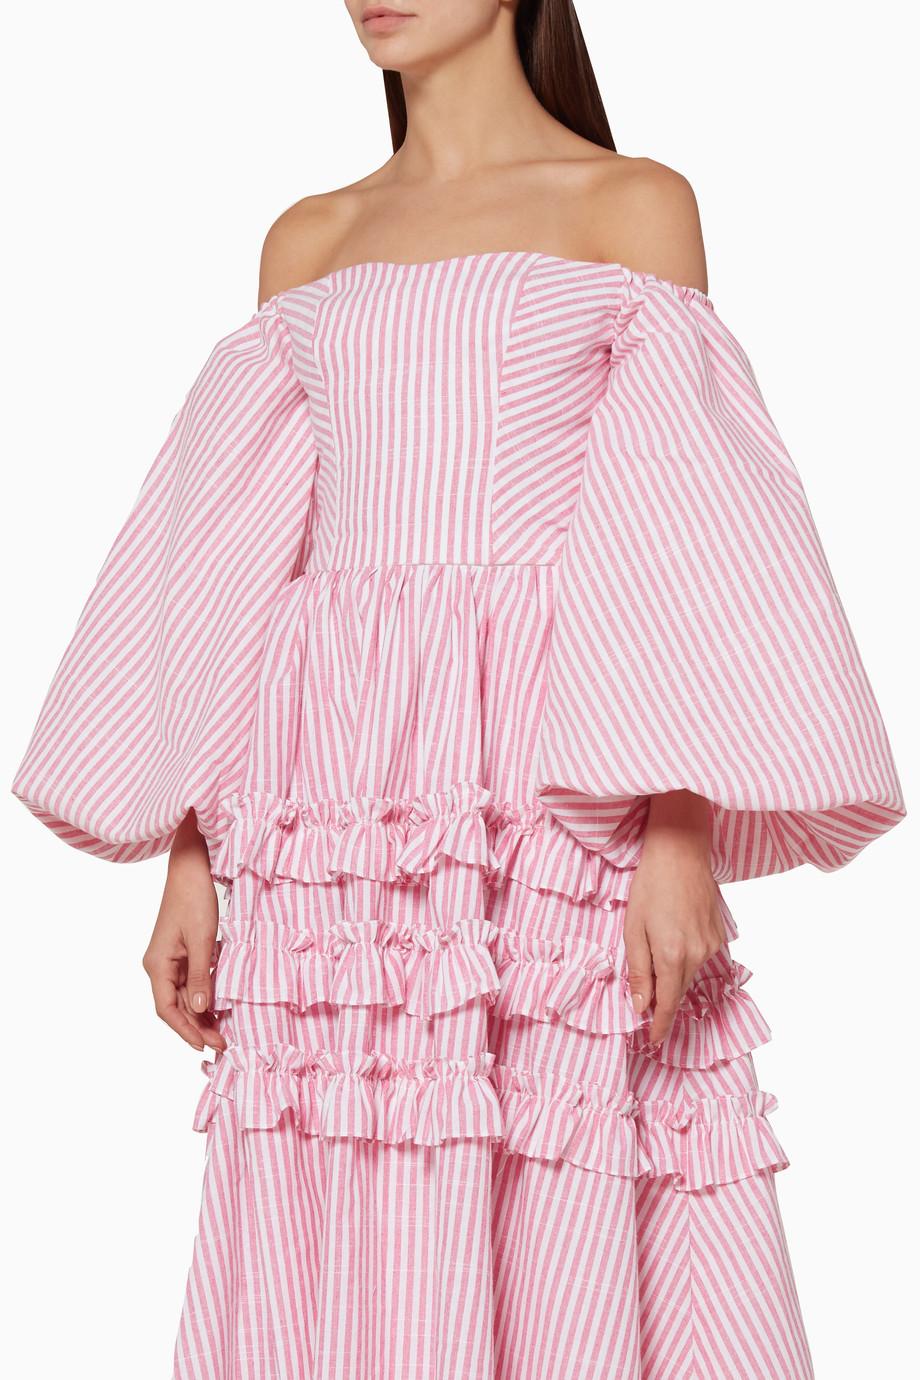 2edbe69af57f Shop Bambah Boutique Pink Light-Pink Striped Globo Top for Women ...